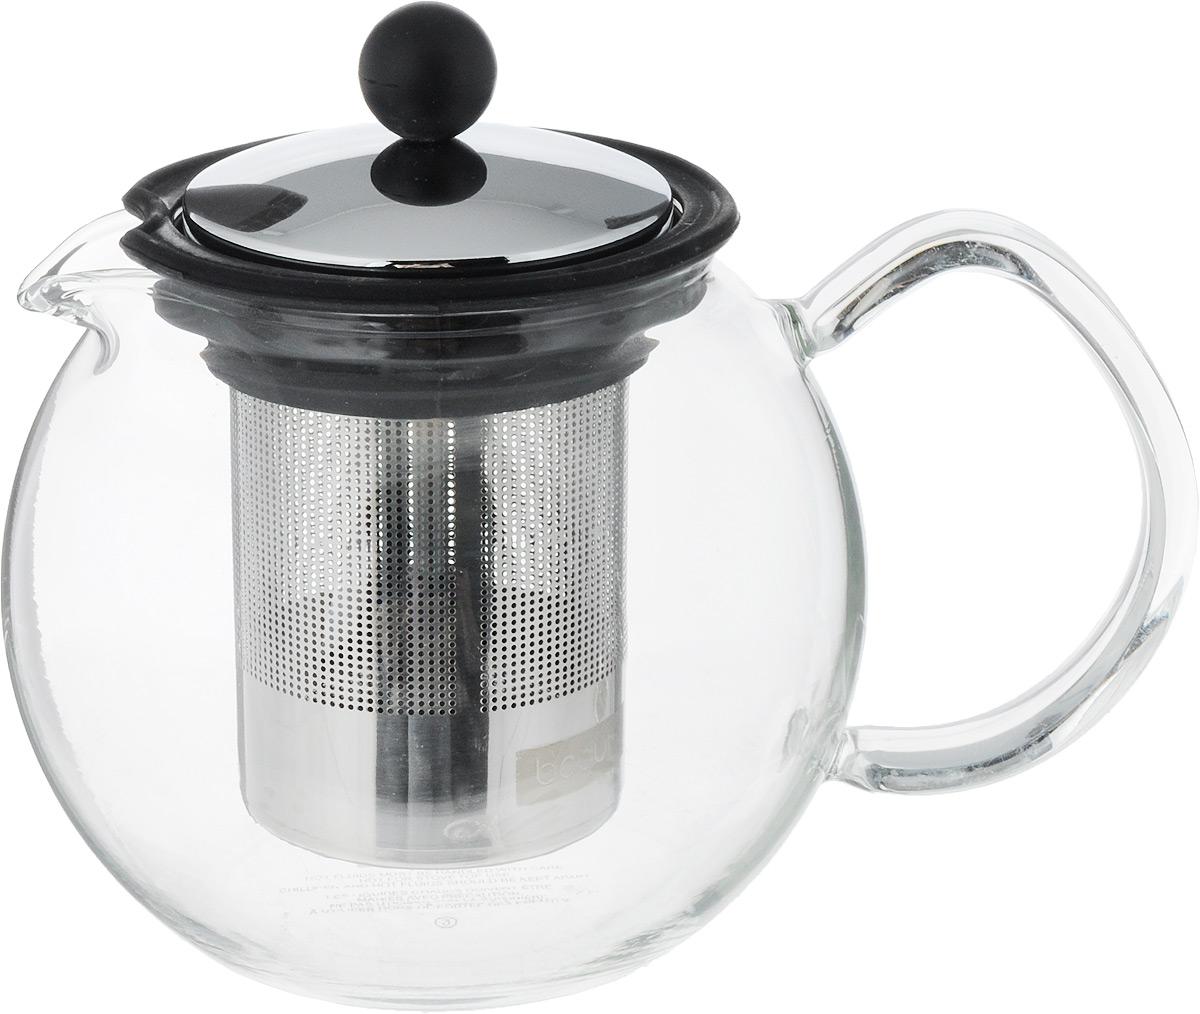 Чайник заварочный Assam, с фильтром, цвет: прозрачный, черный, 0,5 л115610Заварочный чайник Assam изготовлен из высококачественного пластика и жаропрочного стекла (до 100°С). Чайник имеет пластиковый фильтр с прессом и оснащен удобной ручкой. Он прекрасно подойдет для заваривания чая и травяных напитков.Такой заварочный чайник займет достойное место на вашей кухне.Высота чайника (без учета крышки): 11,5 см.Высота чайника (с учетом крышки): 13 см. Диаметр основания: 6,5 см.